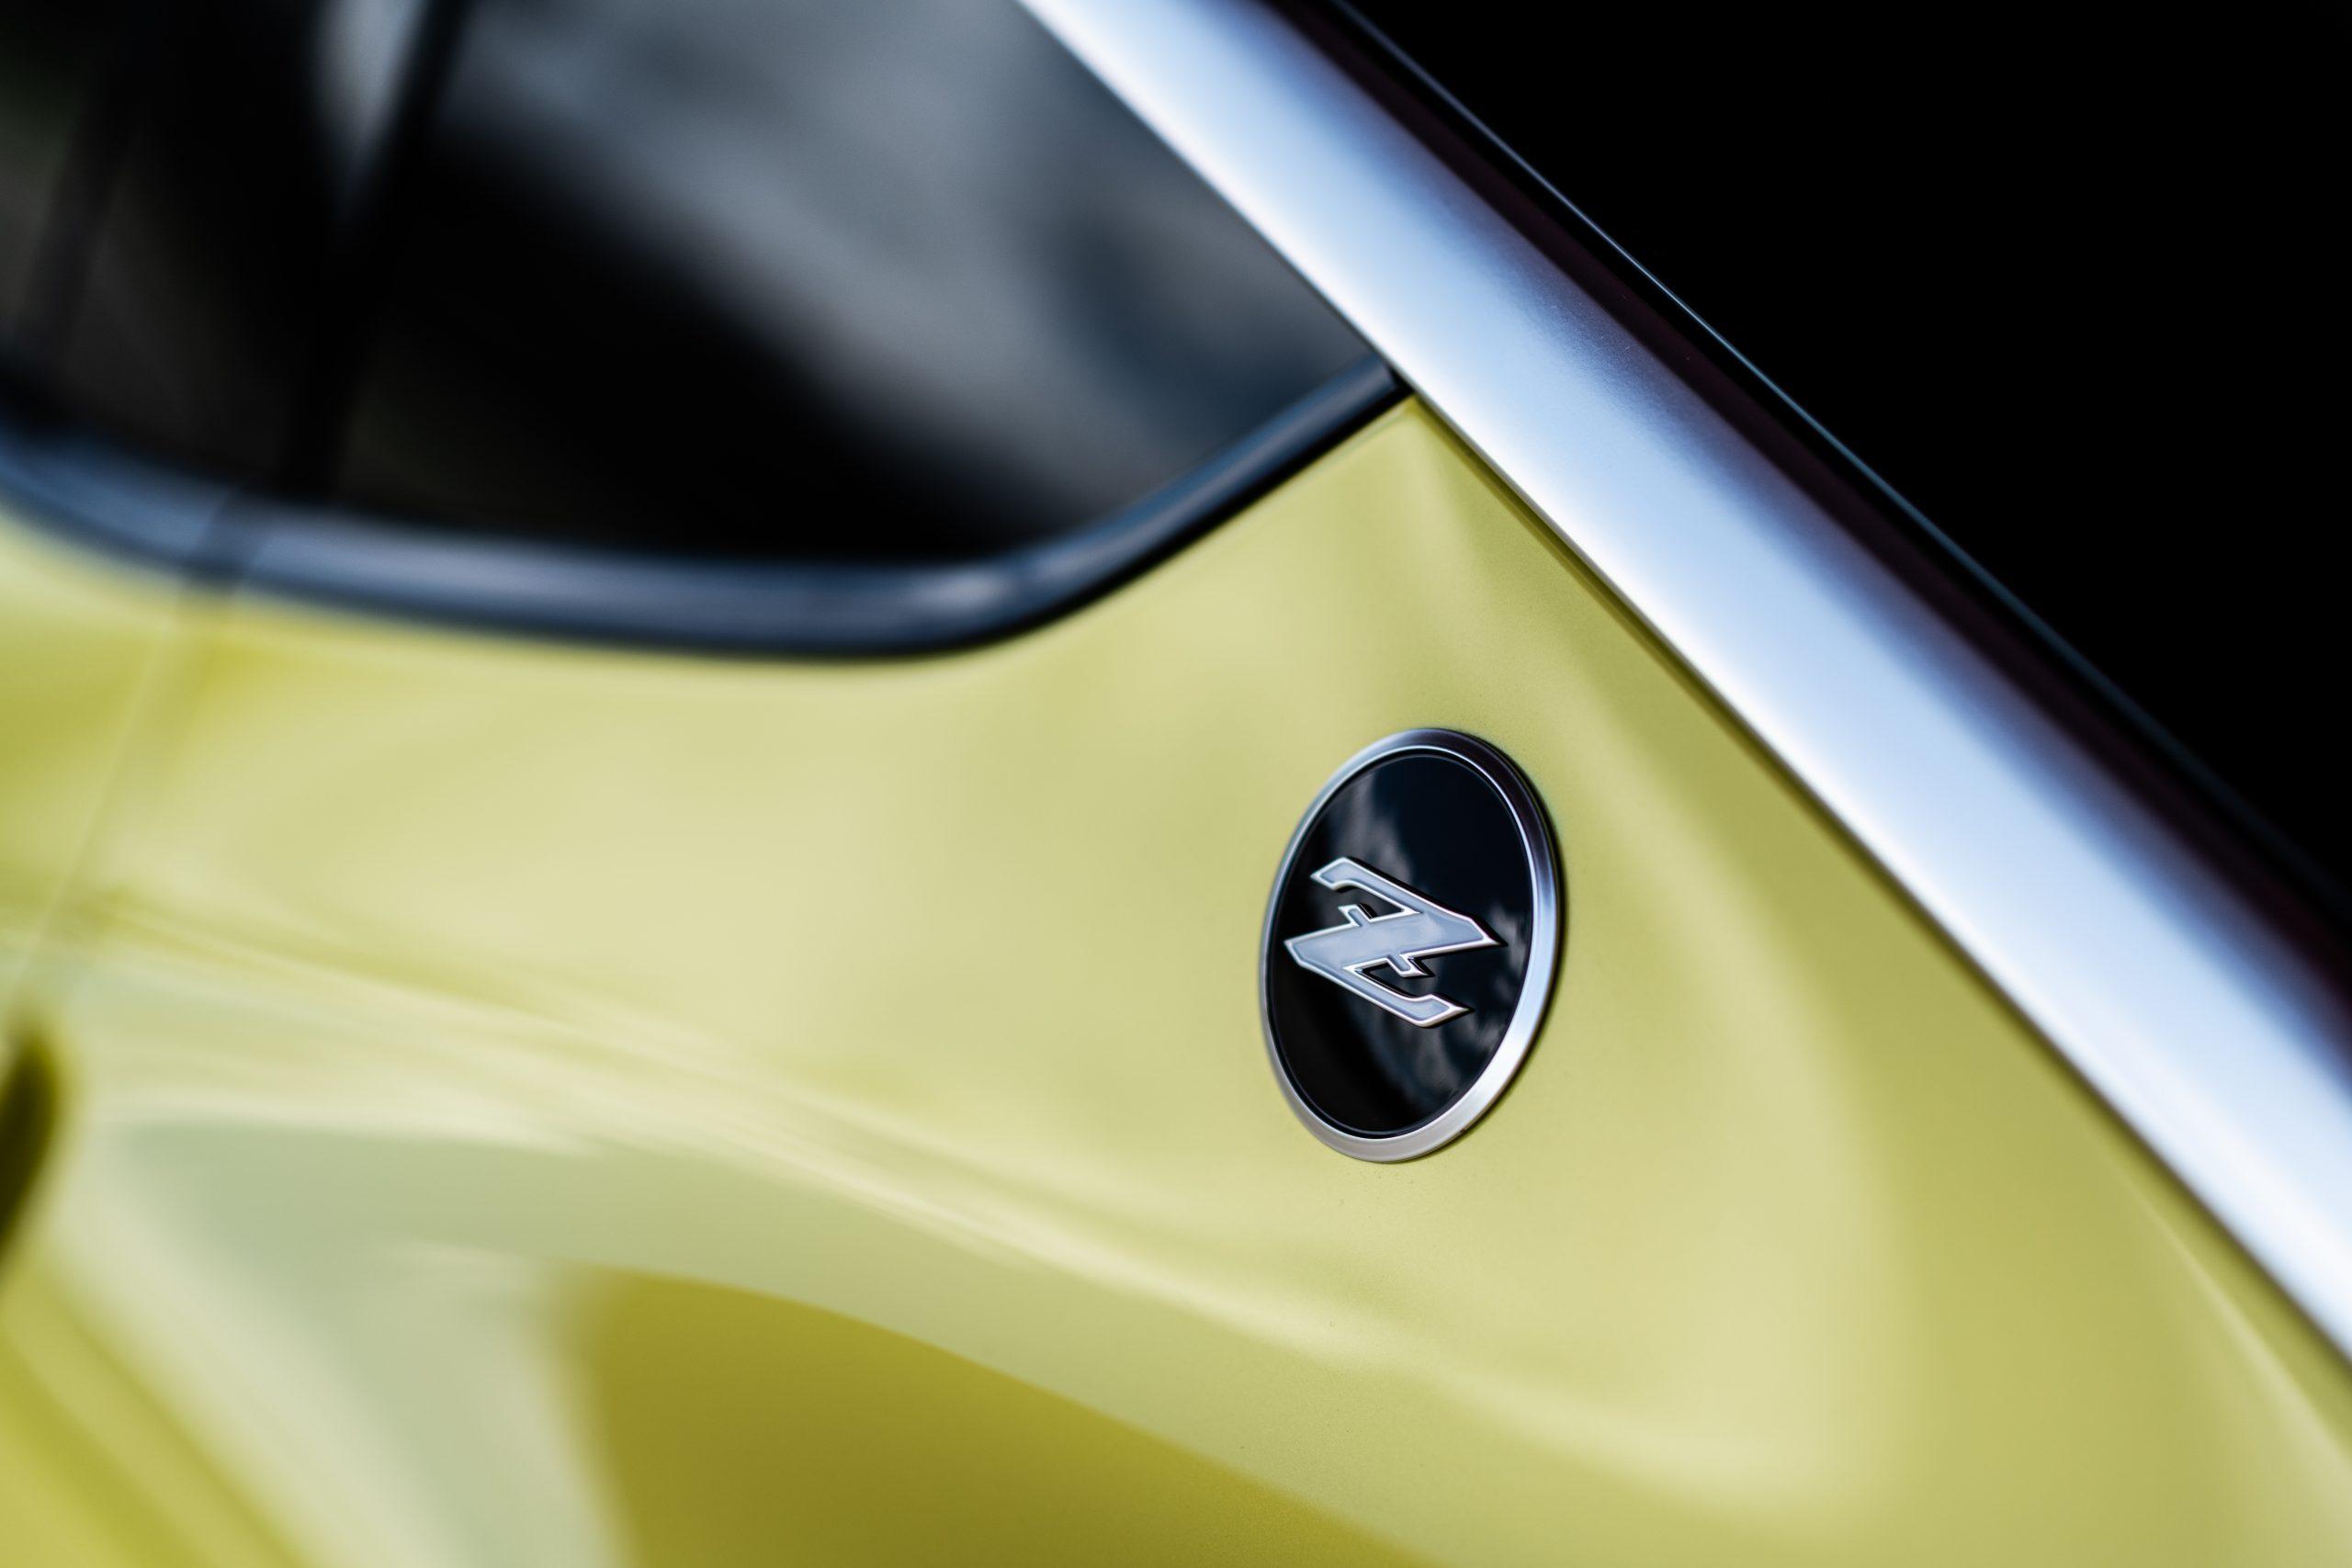 nissan new z car prototype z badge